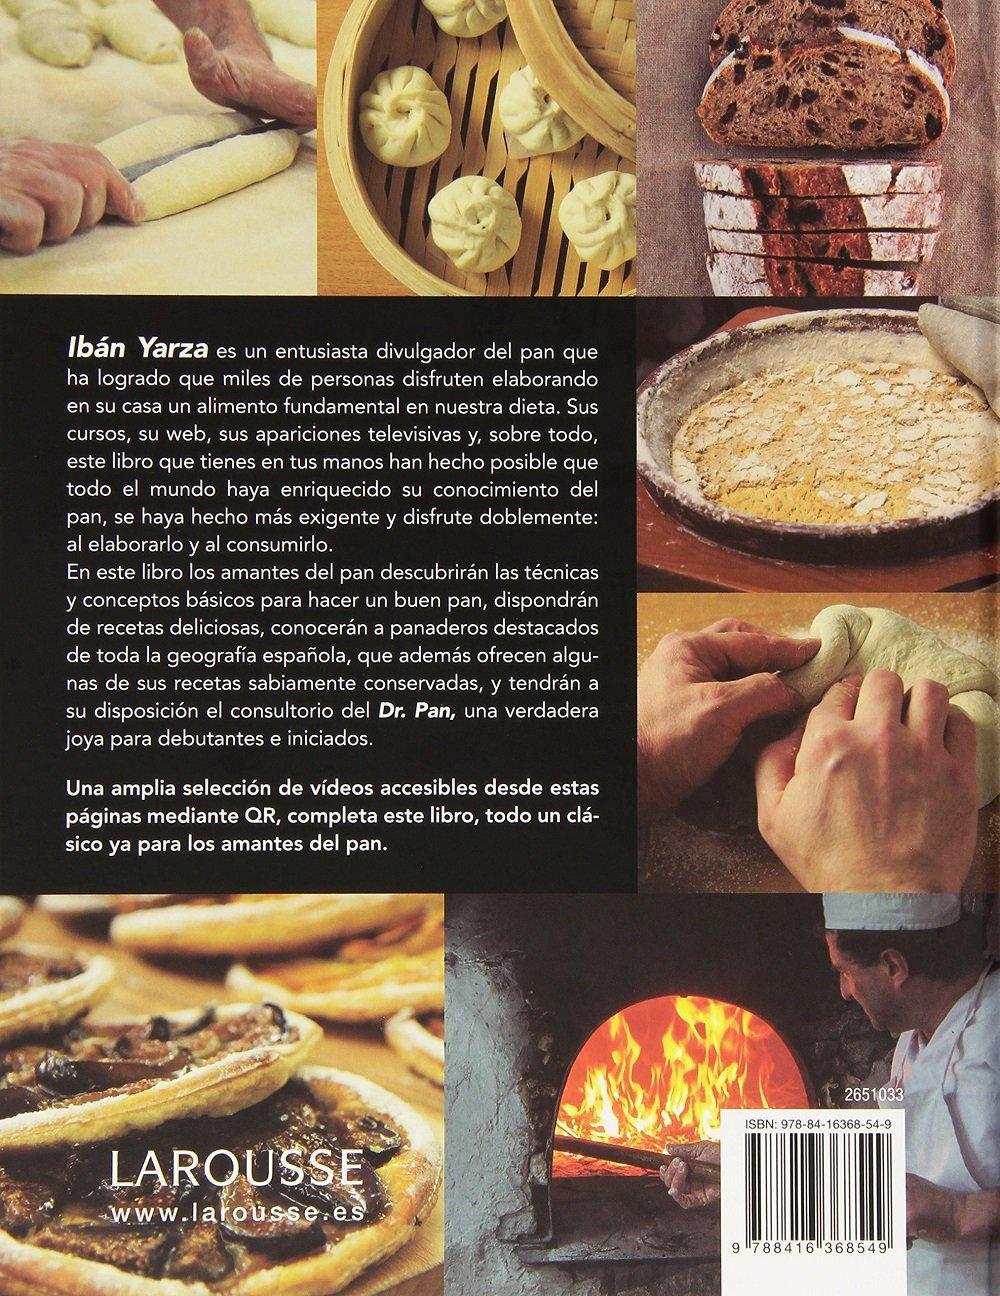 Pan casero. Edición especial Larousse - Libros Ilustrados ...